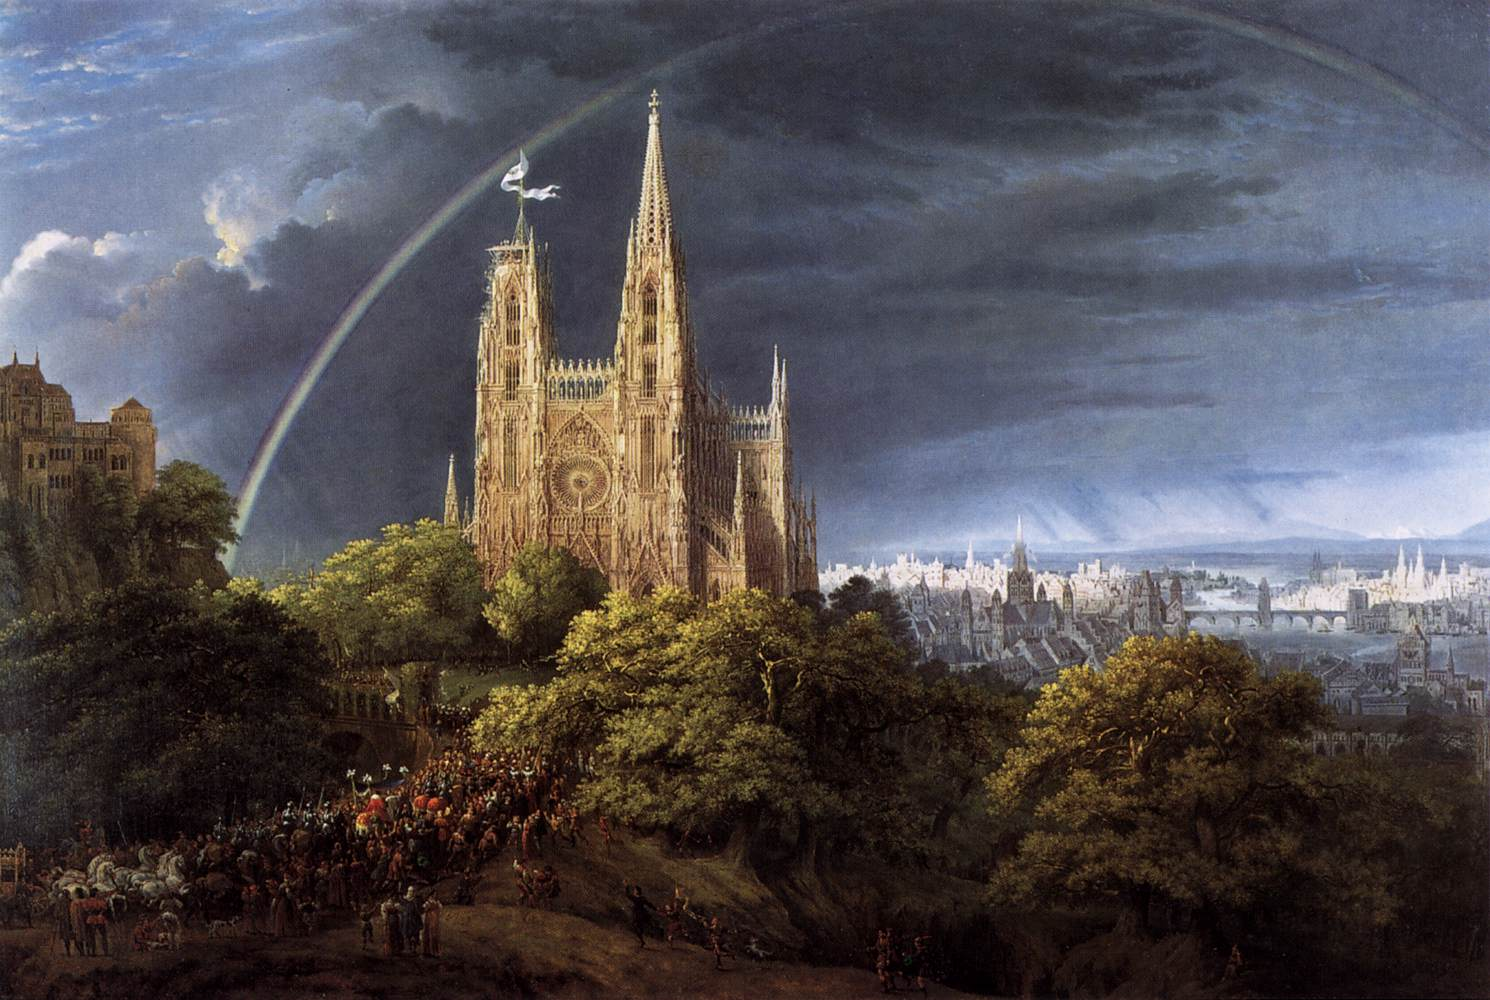 http://upload.wikimedia.org/wikipedia/commons/a/a0/Schinkel,_Karl_Friedrich_-_Gotische_Kirche_auf_einem_Felsen_am_Meer_-_1815.jpg